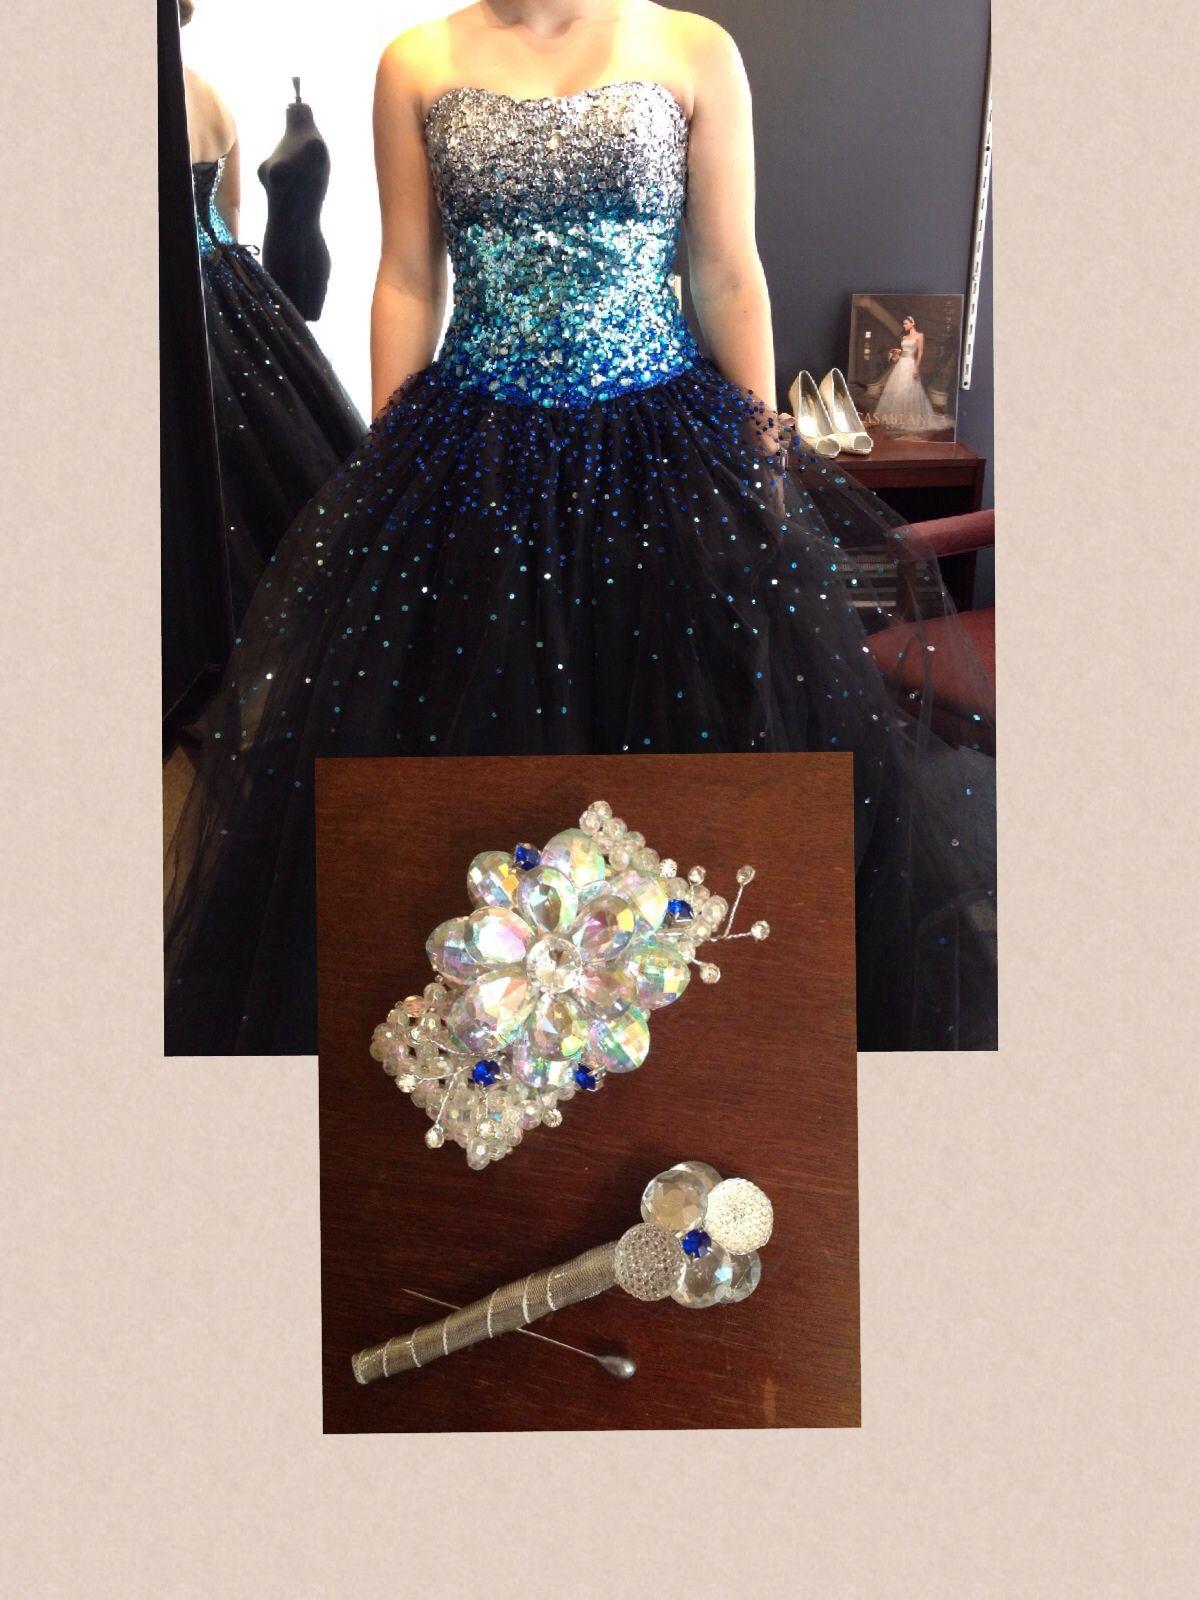 Matching corsage prom dress